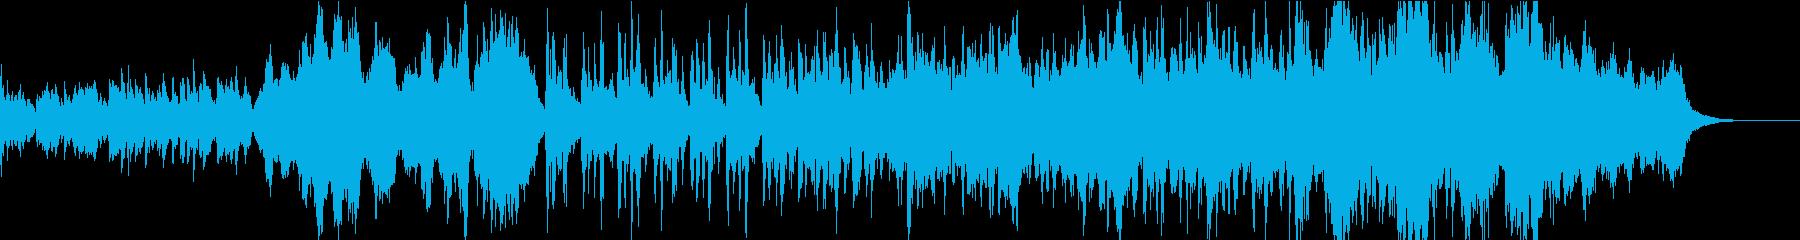 ターミネーター風の緊迫/ドラマチック音楽の再生済みの波形